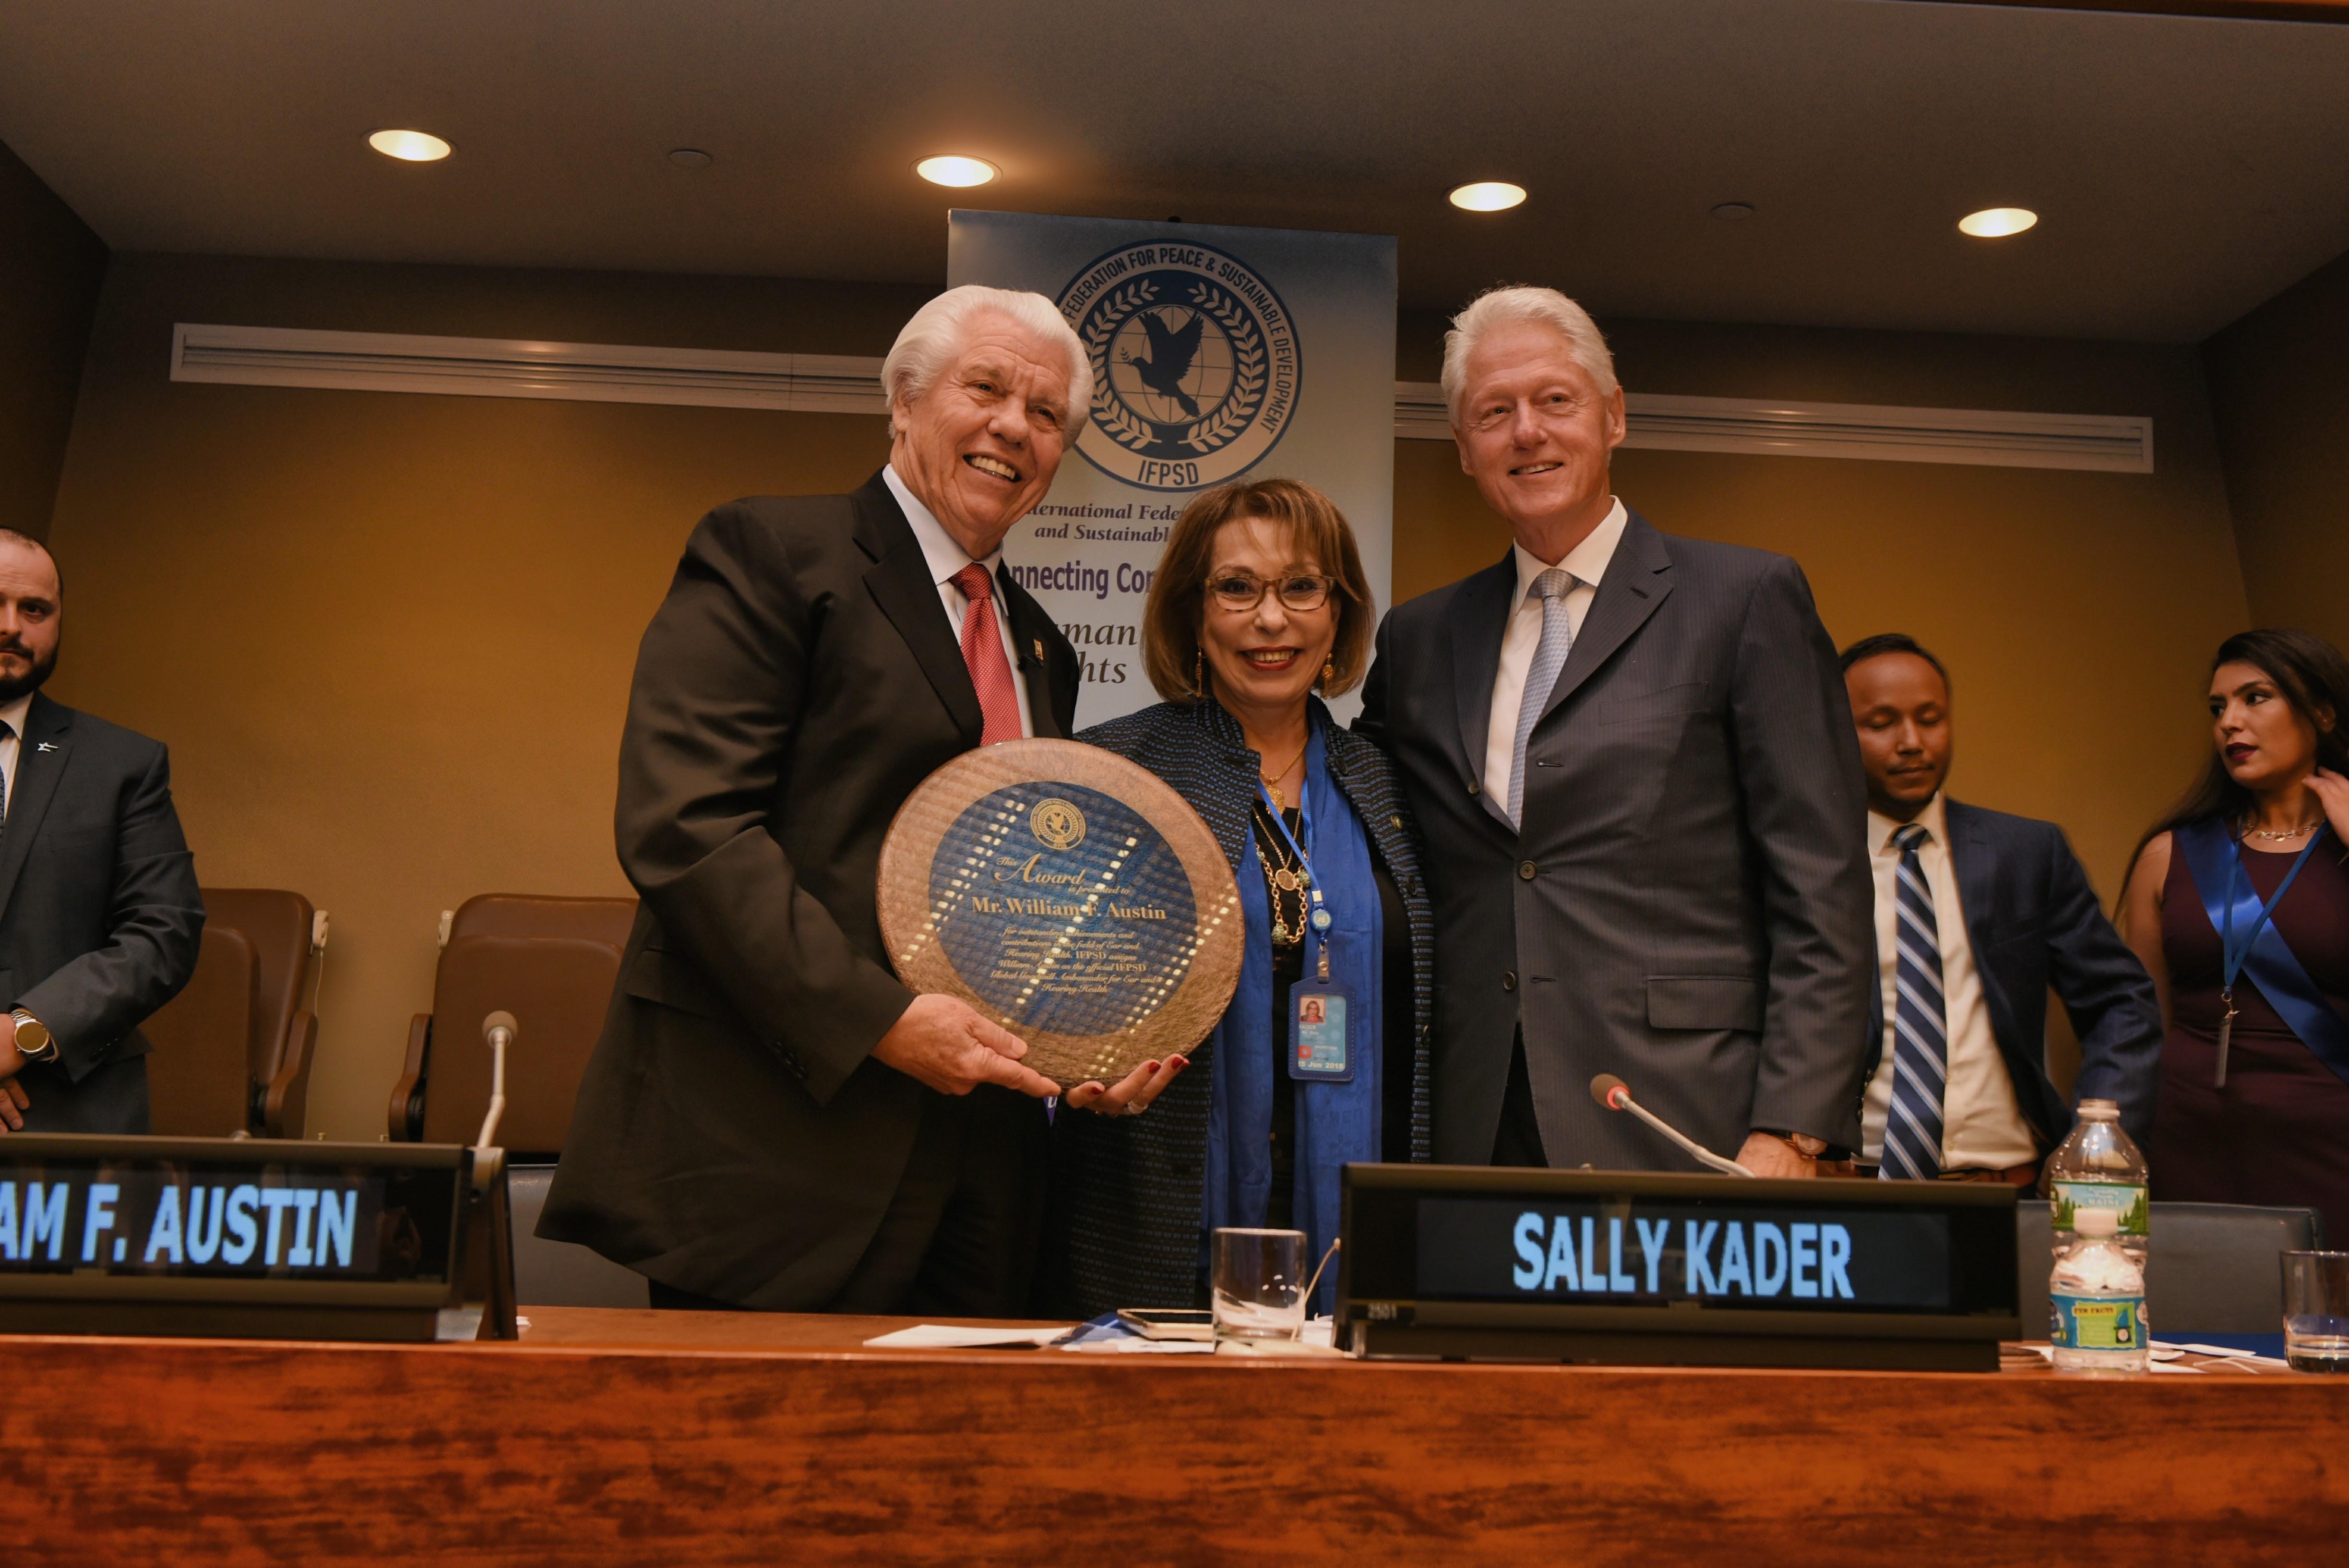 親善大使表彰を迎えて笑顔でカメラを見つめるビル・オースティンとビル・クリントン、そしてサリー